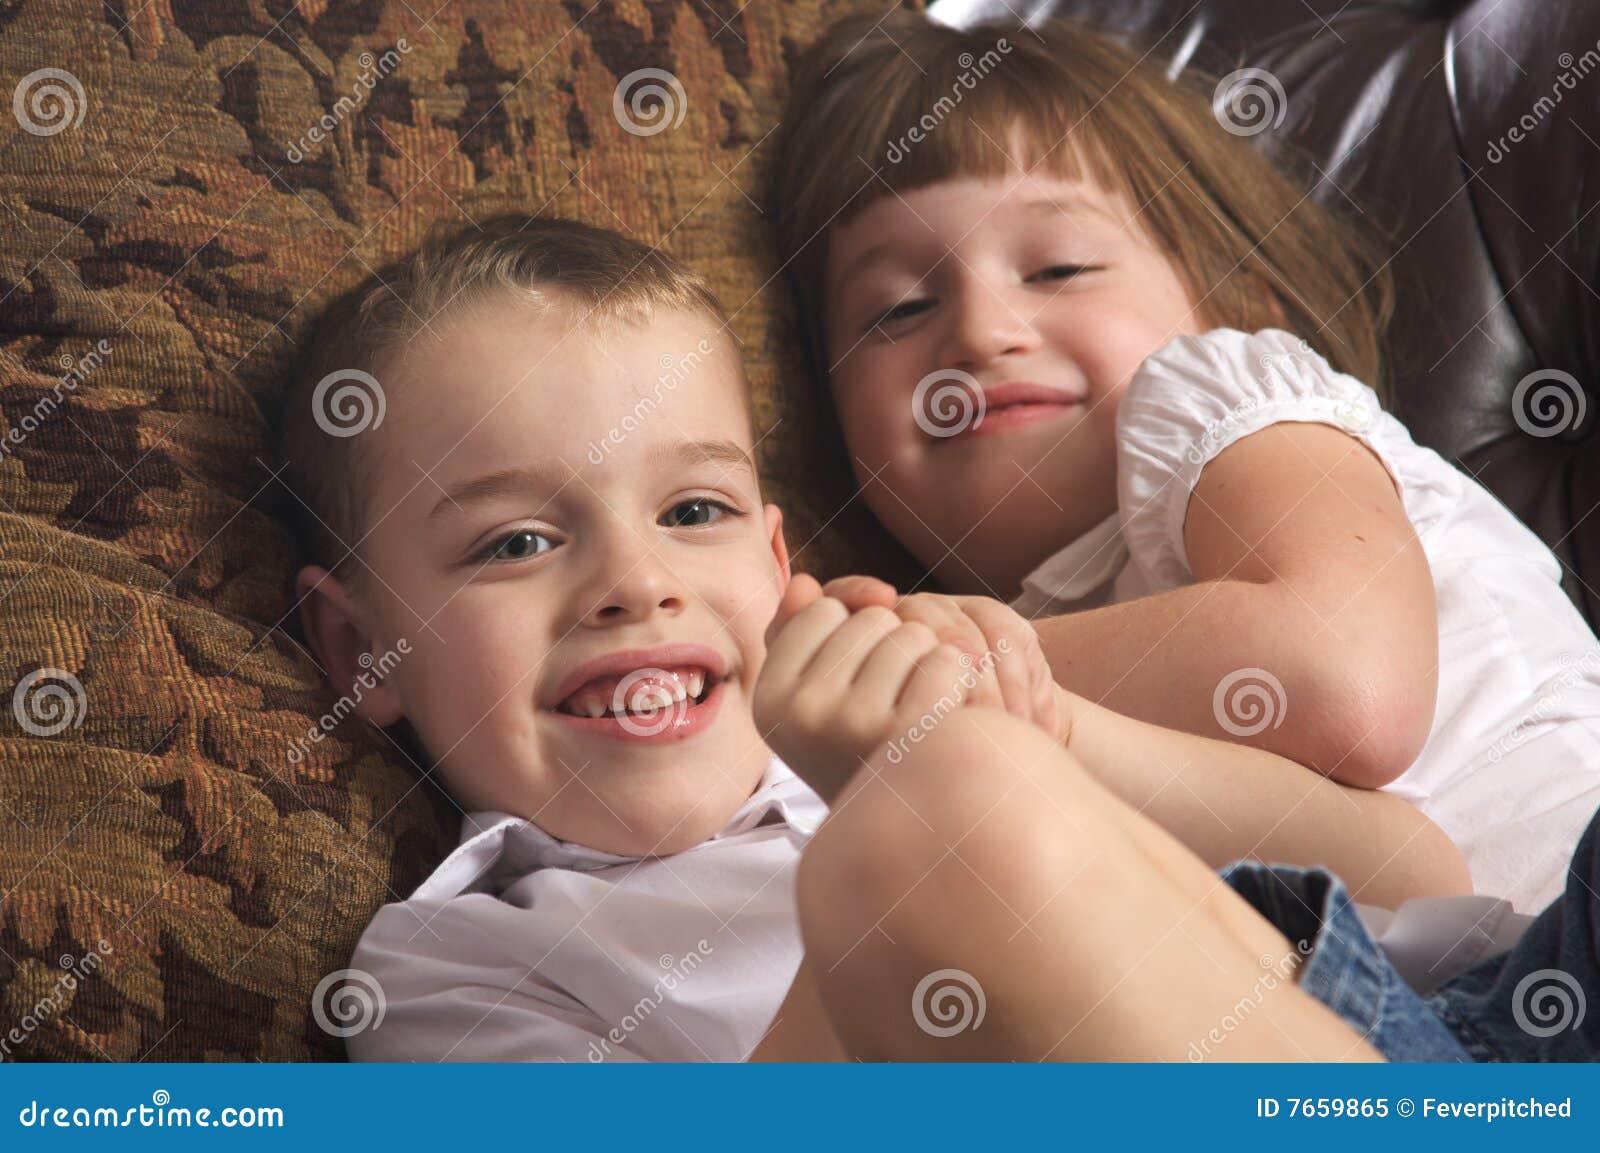 Секс брат сестра и, Порно: брат и сестра. Секс инцест брата и сестры на 23 фотография